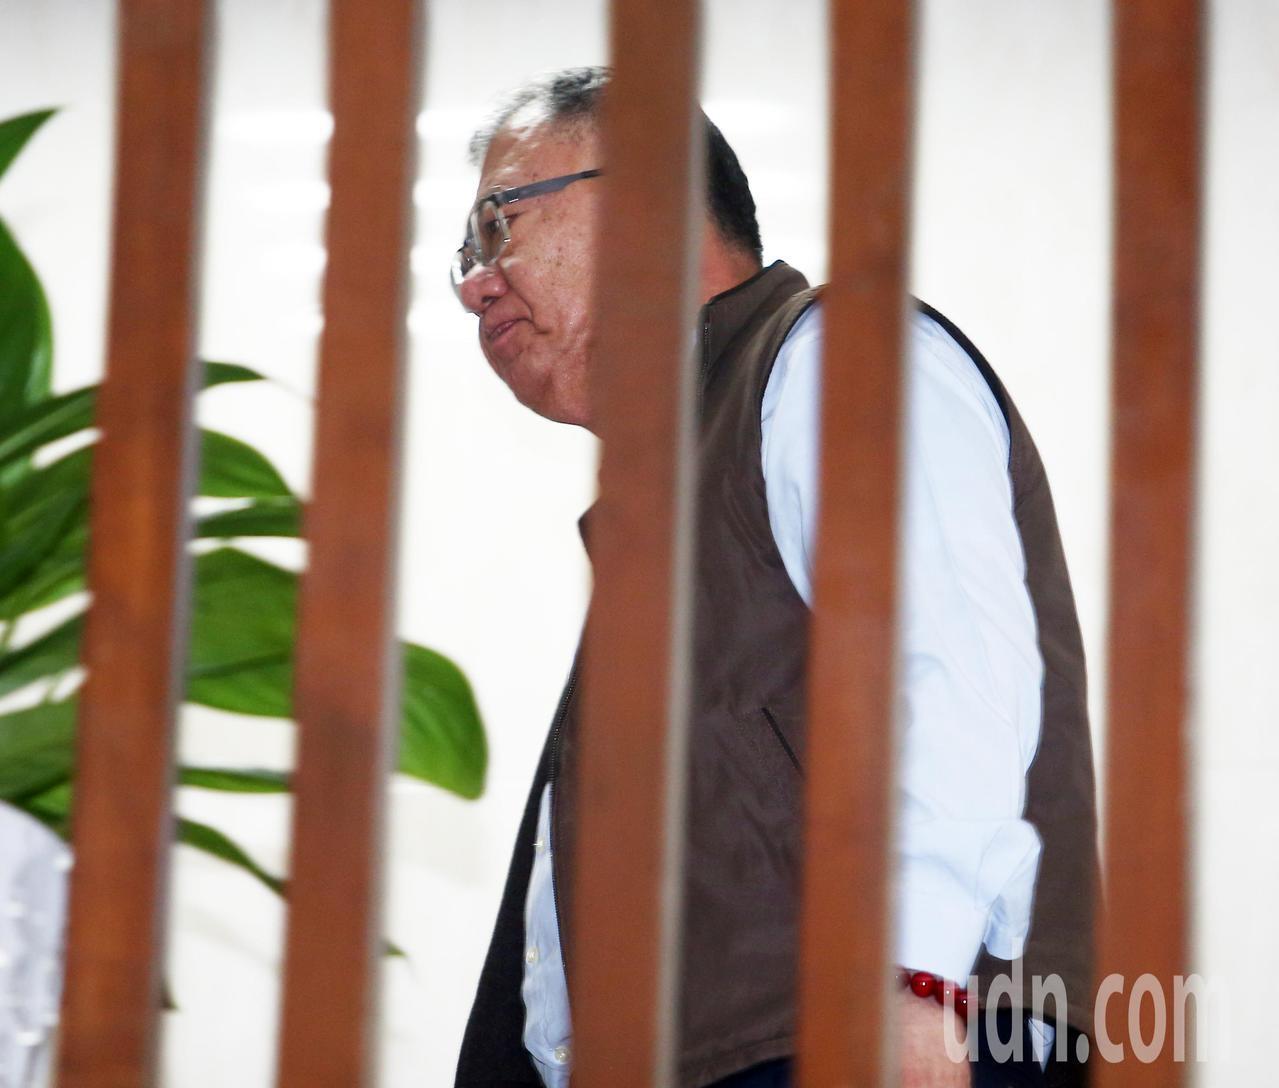 台北地檢署偵辦三中案傳喚中時集團前董事長余建新出庭,訊後請回。記者陳柏亨/攝影